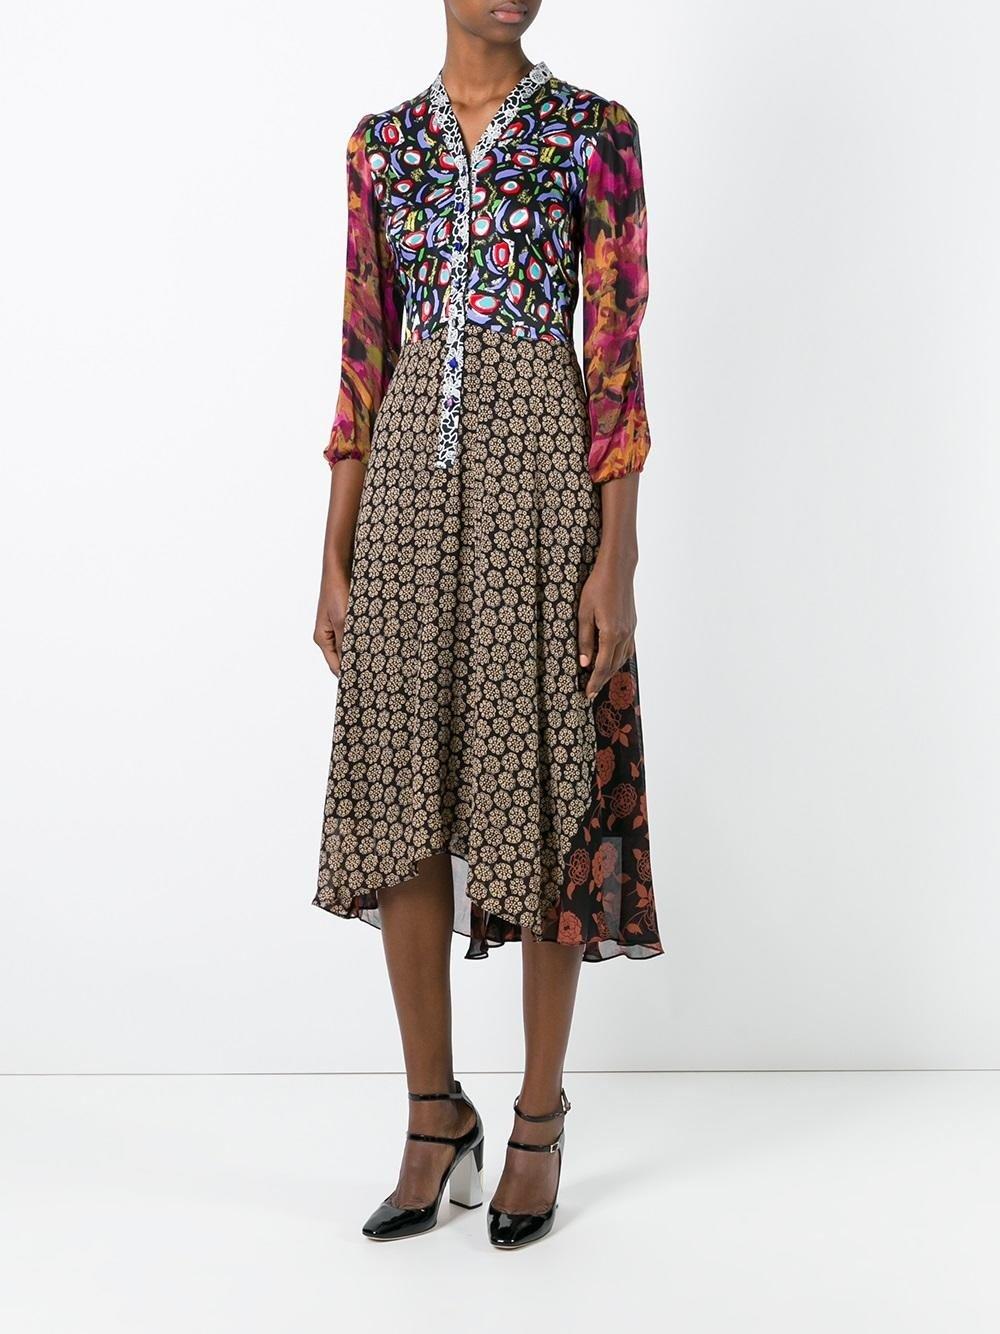 bc99b758d9c Модное платье-рубашка 2018 2019 года  фото